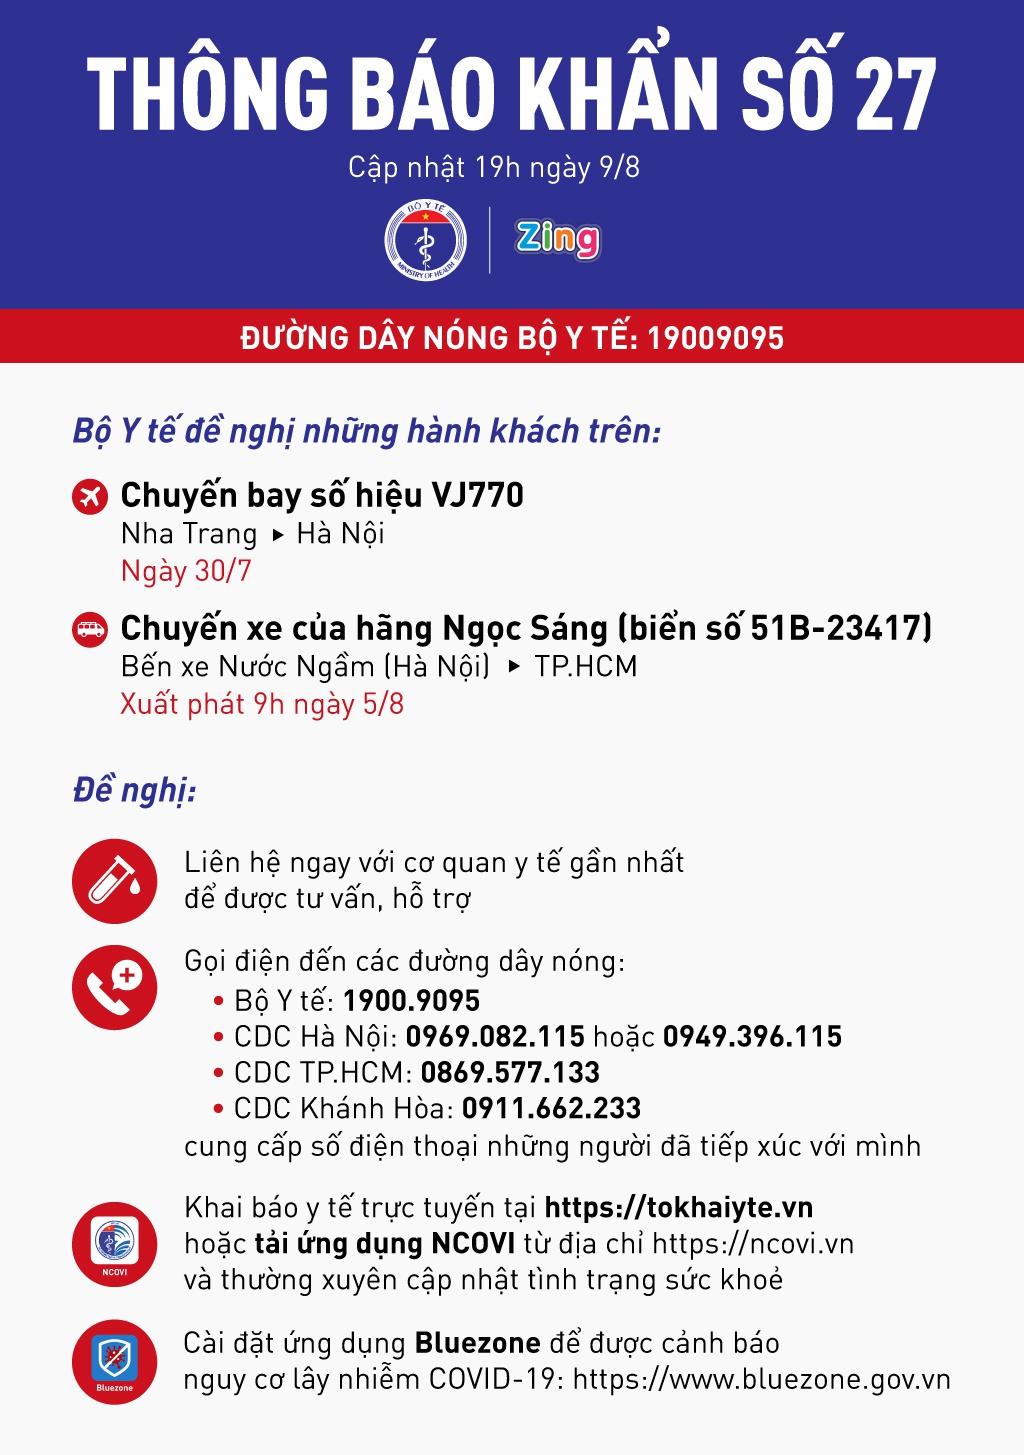 Bộ Y tế tìm người trên chuyến bay, xe khách về Hà Nội và TP.HCM